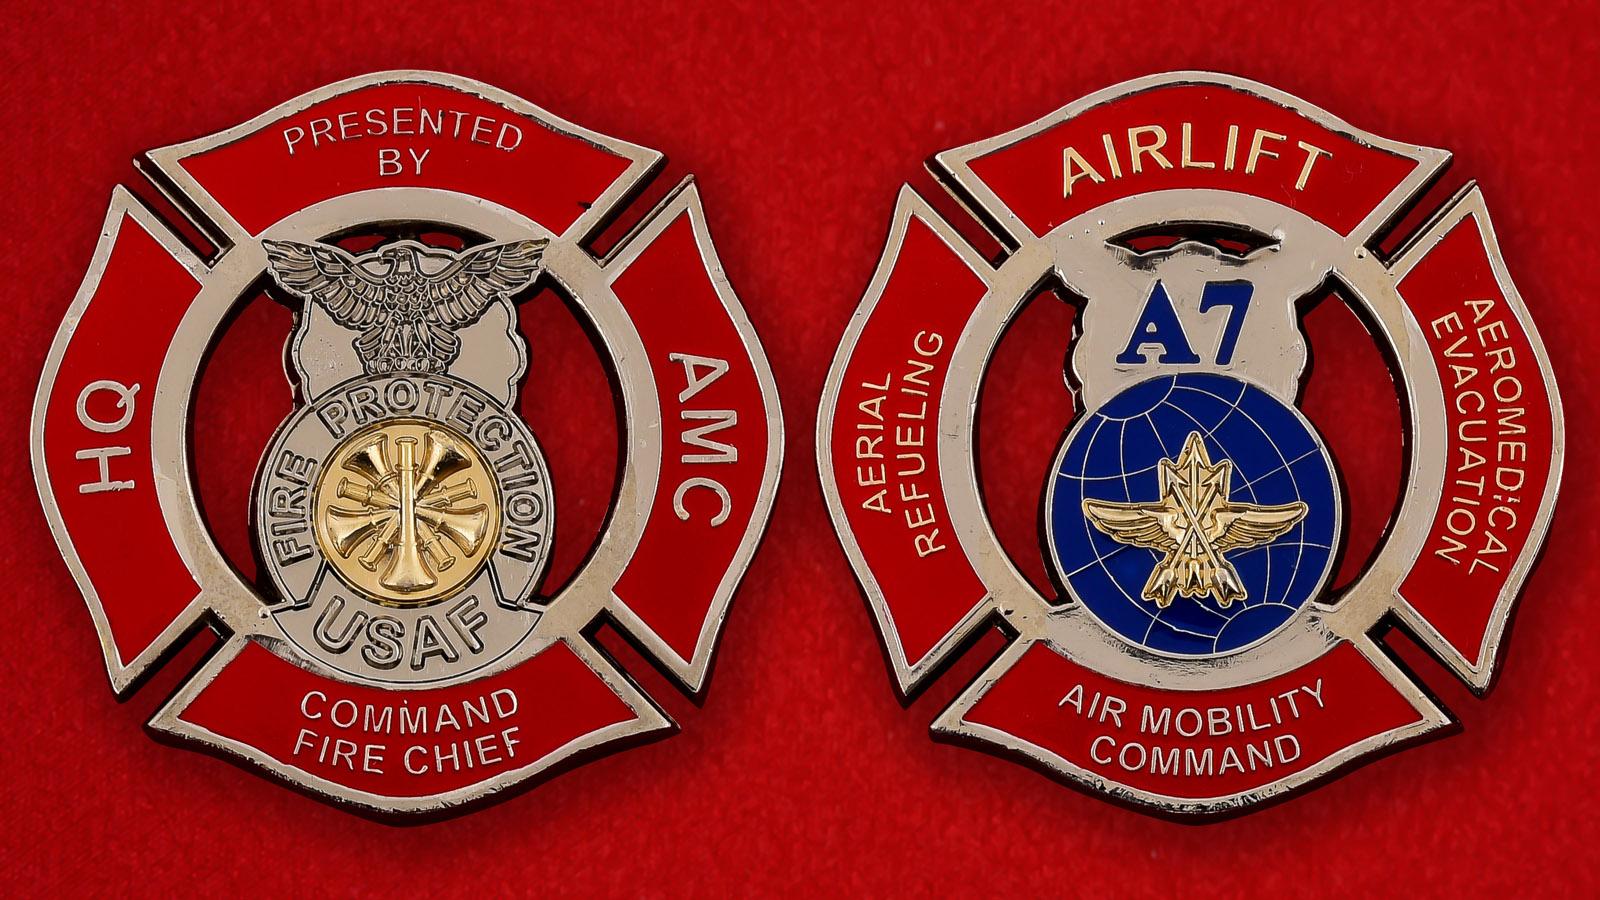 Челлендж коин подразделения противопожарной безопасности воздушных перевозок Командования аэромобильности ВВС США